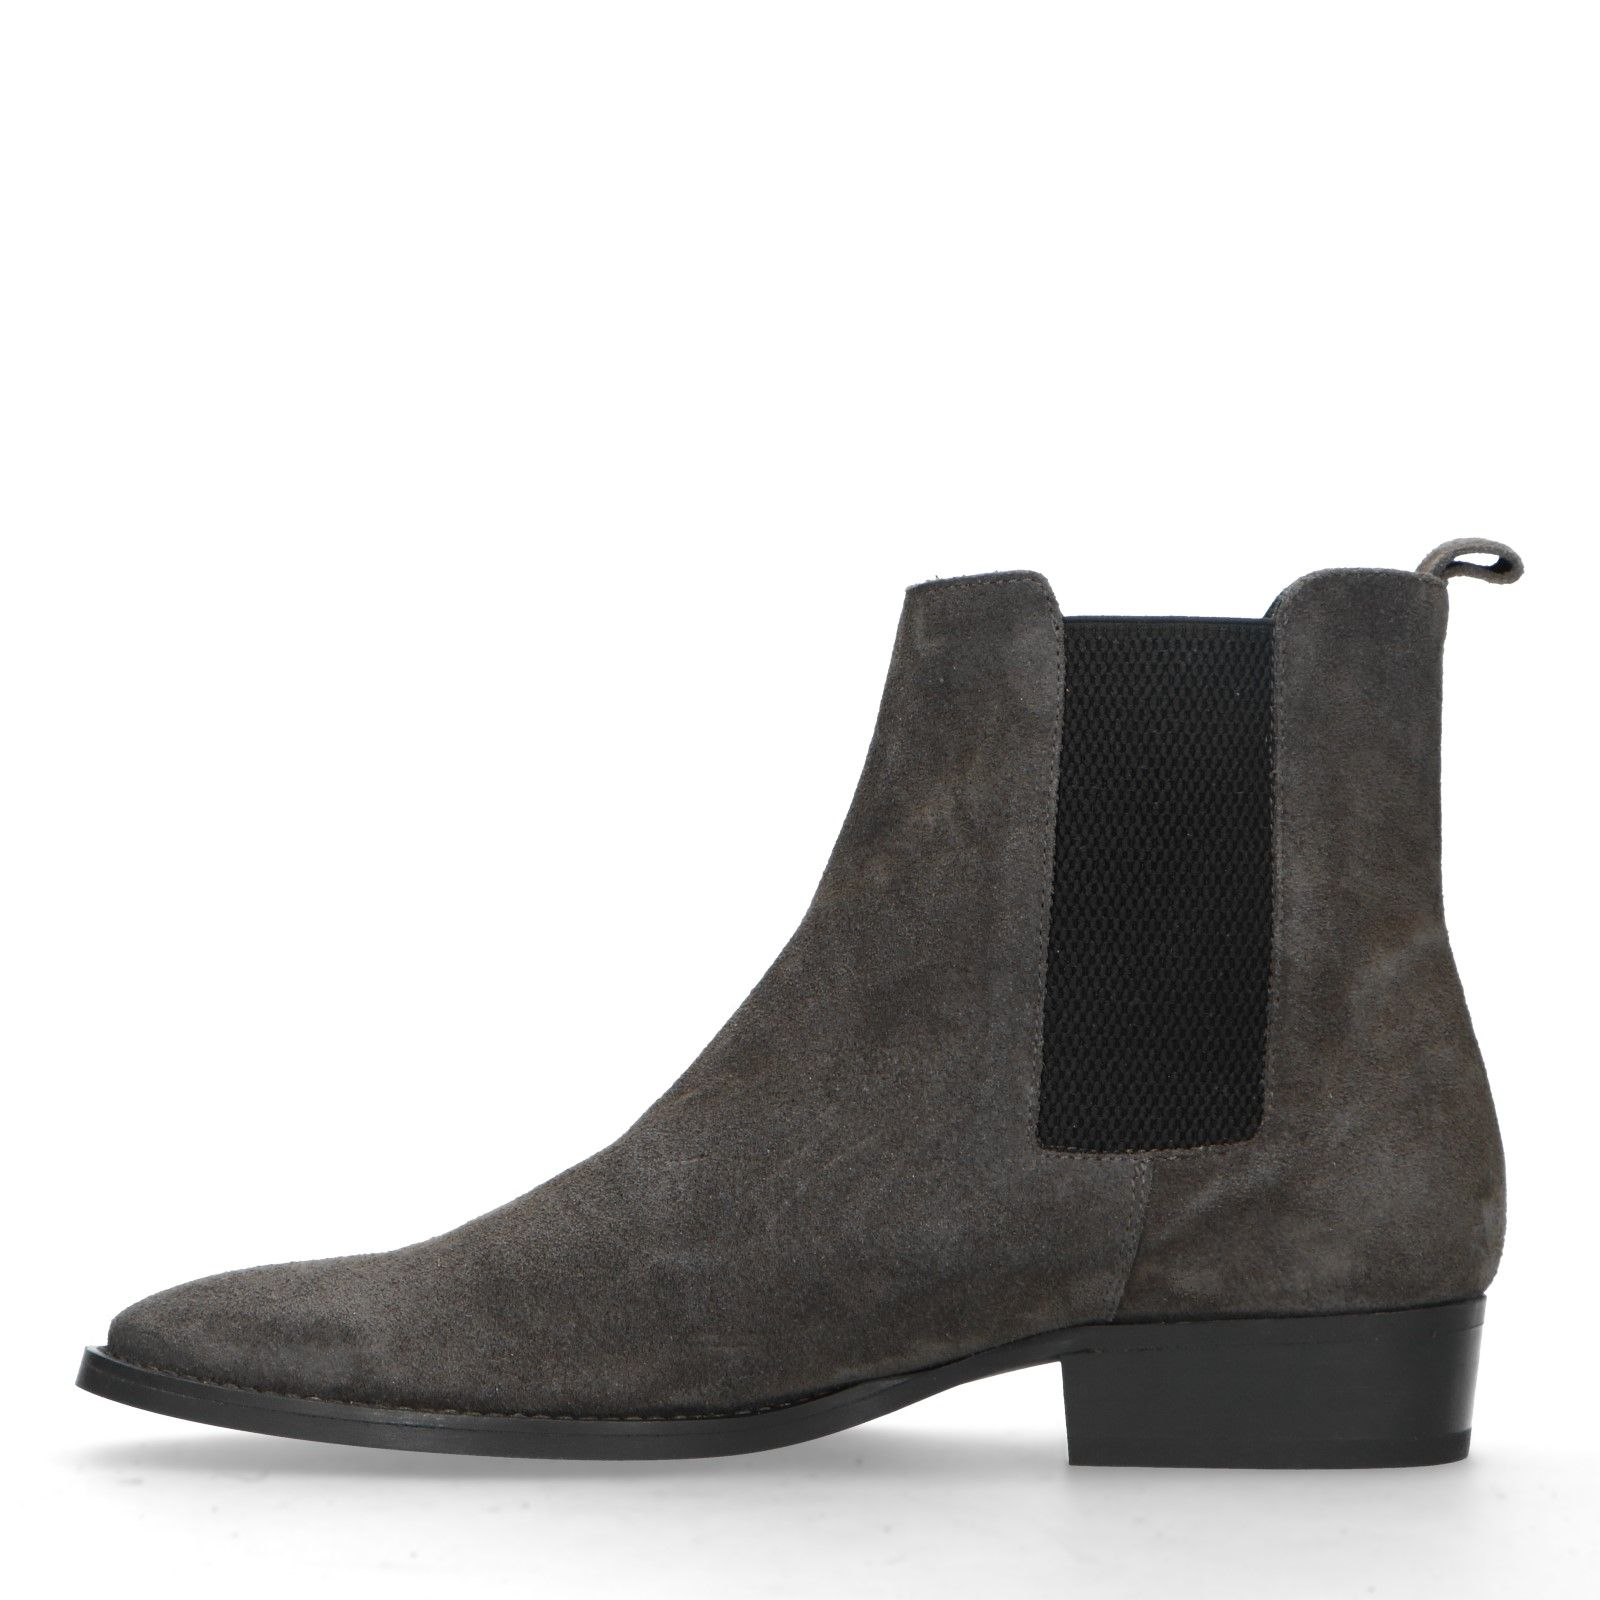 Grijze leren chelsea boots Heren | MANFIELD